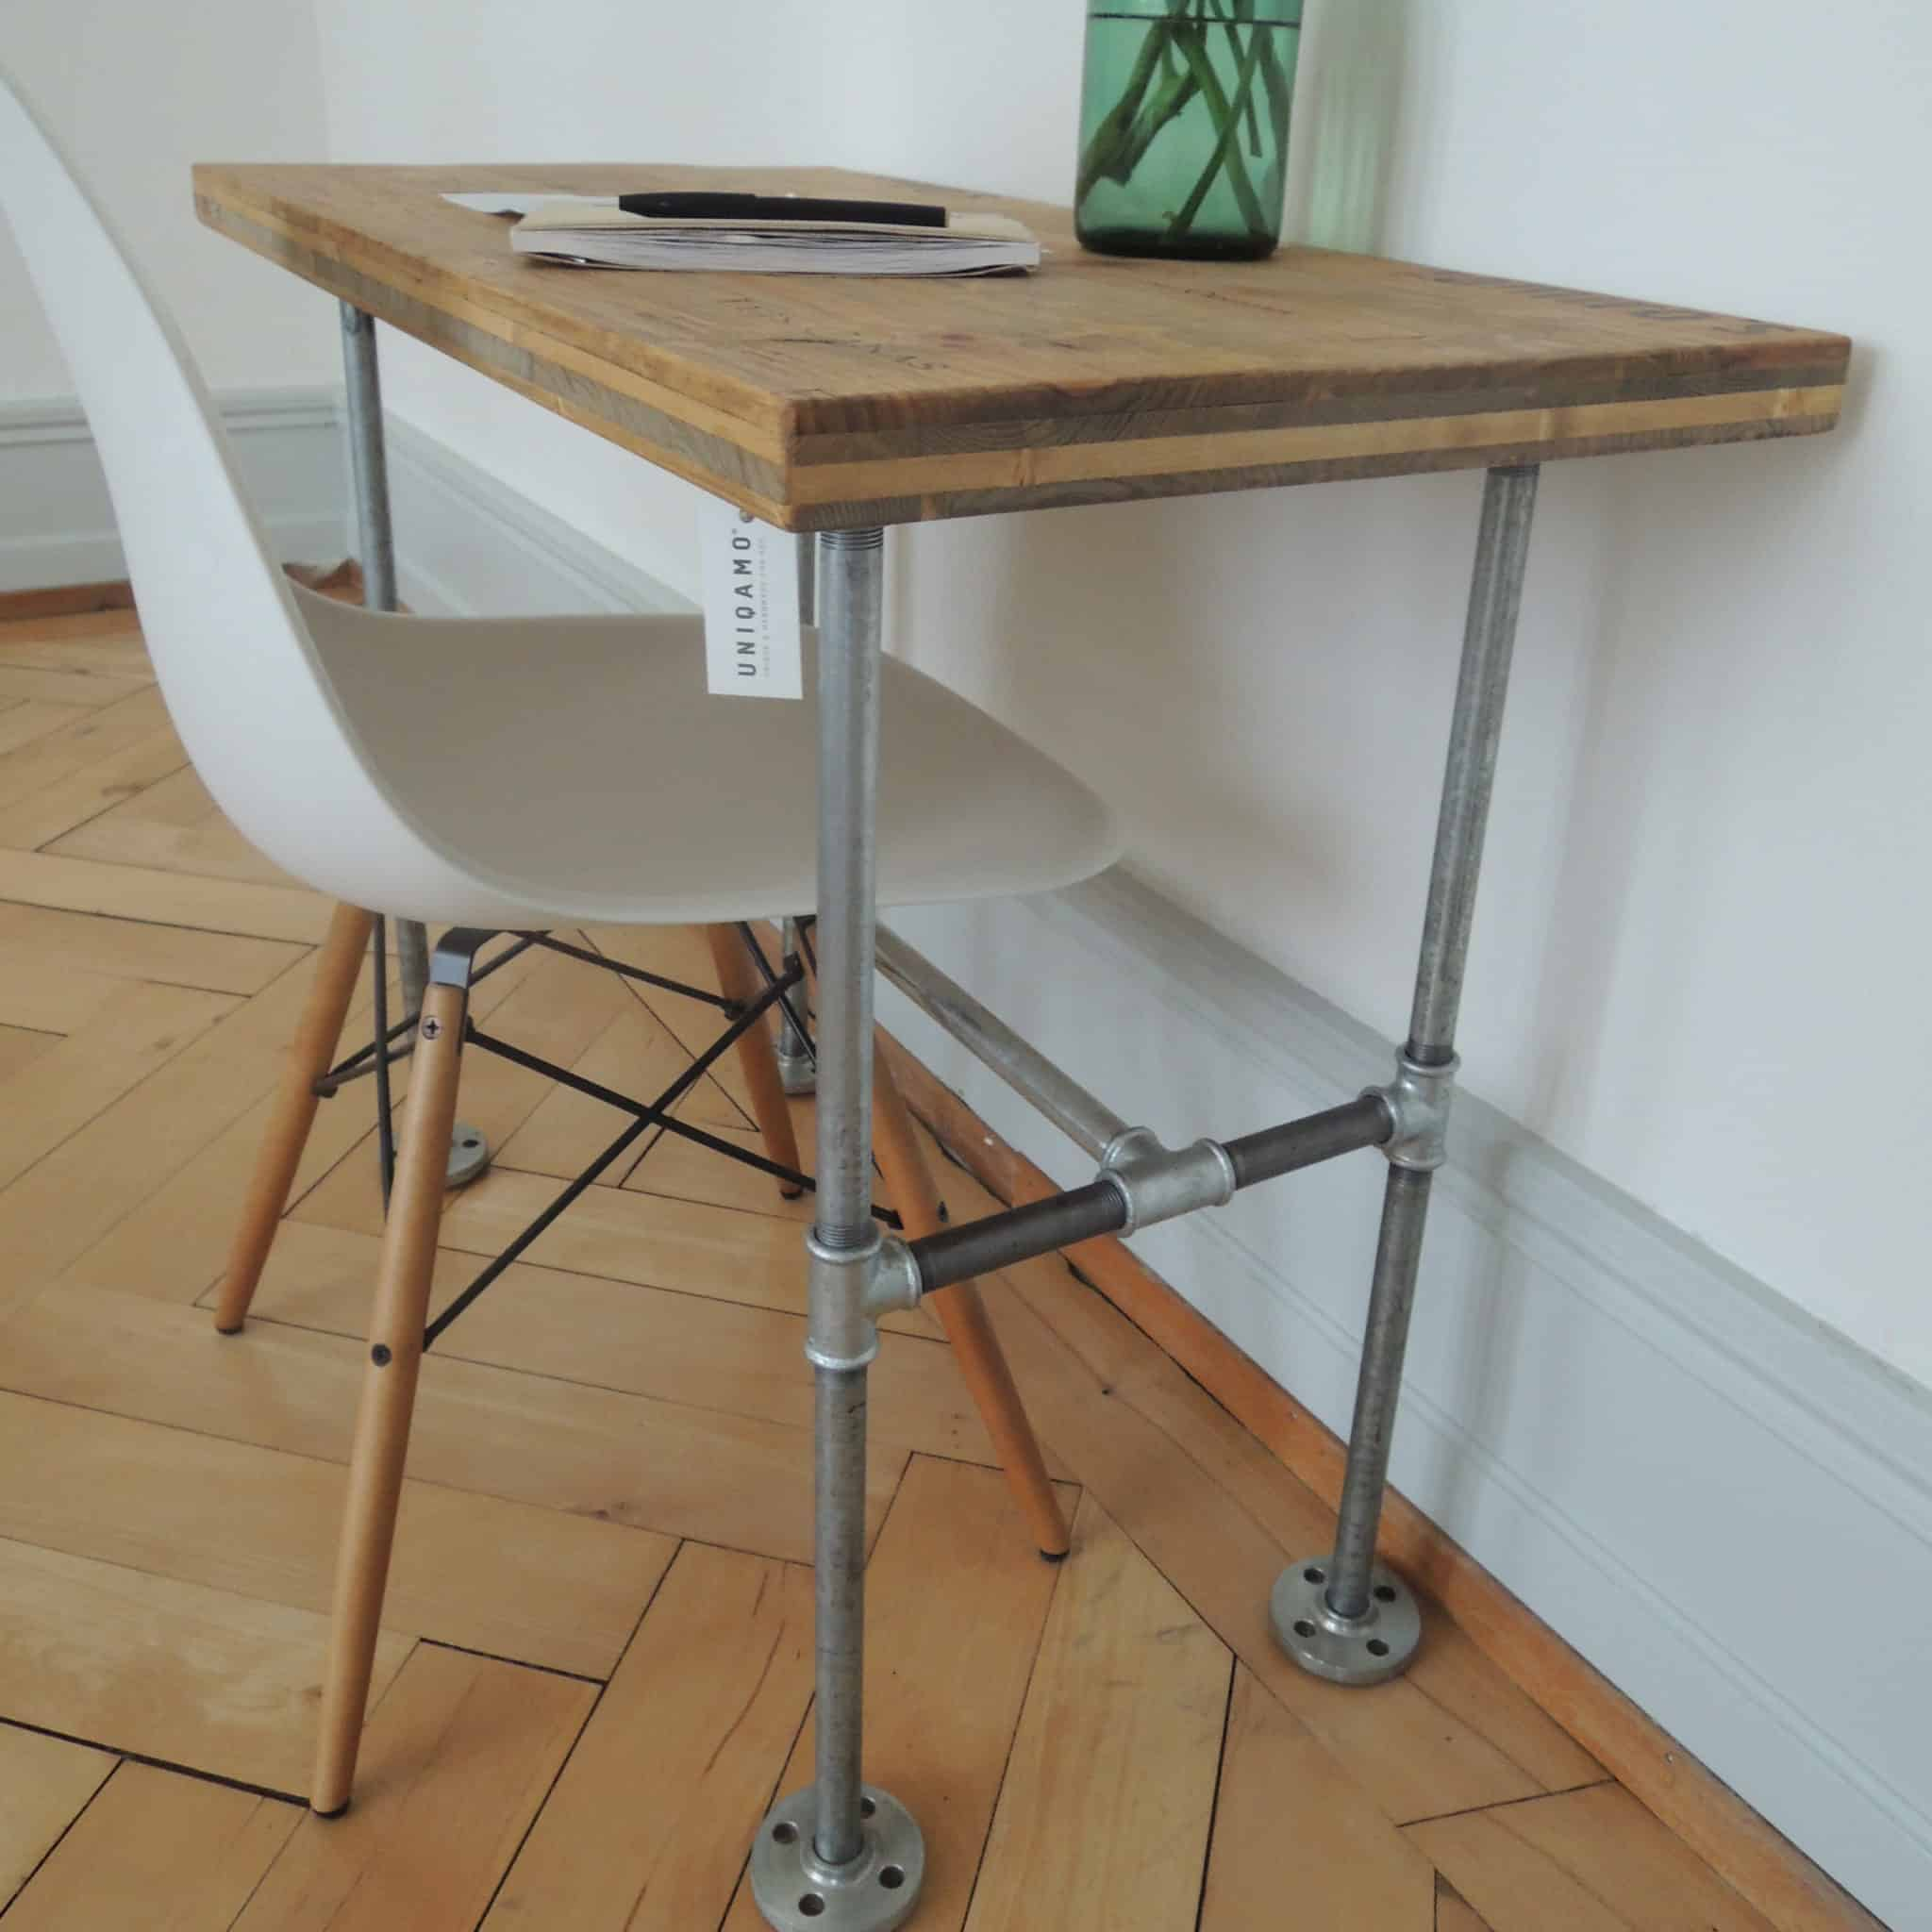 Stahlrohr Tischgestell Industrial Look in Wunschmaßen